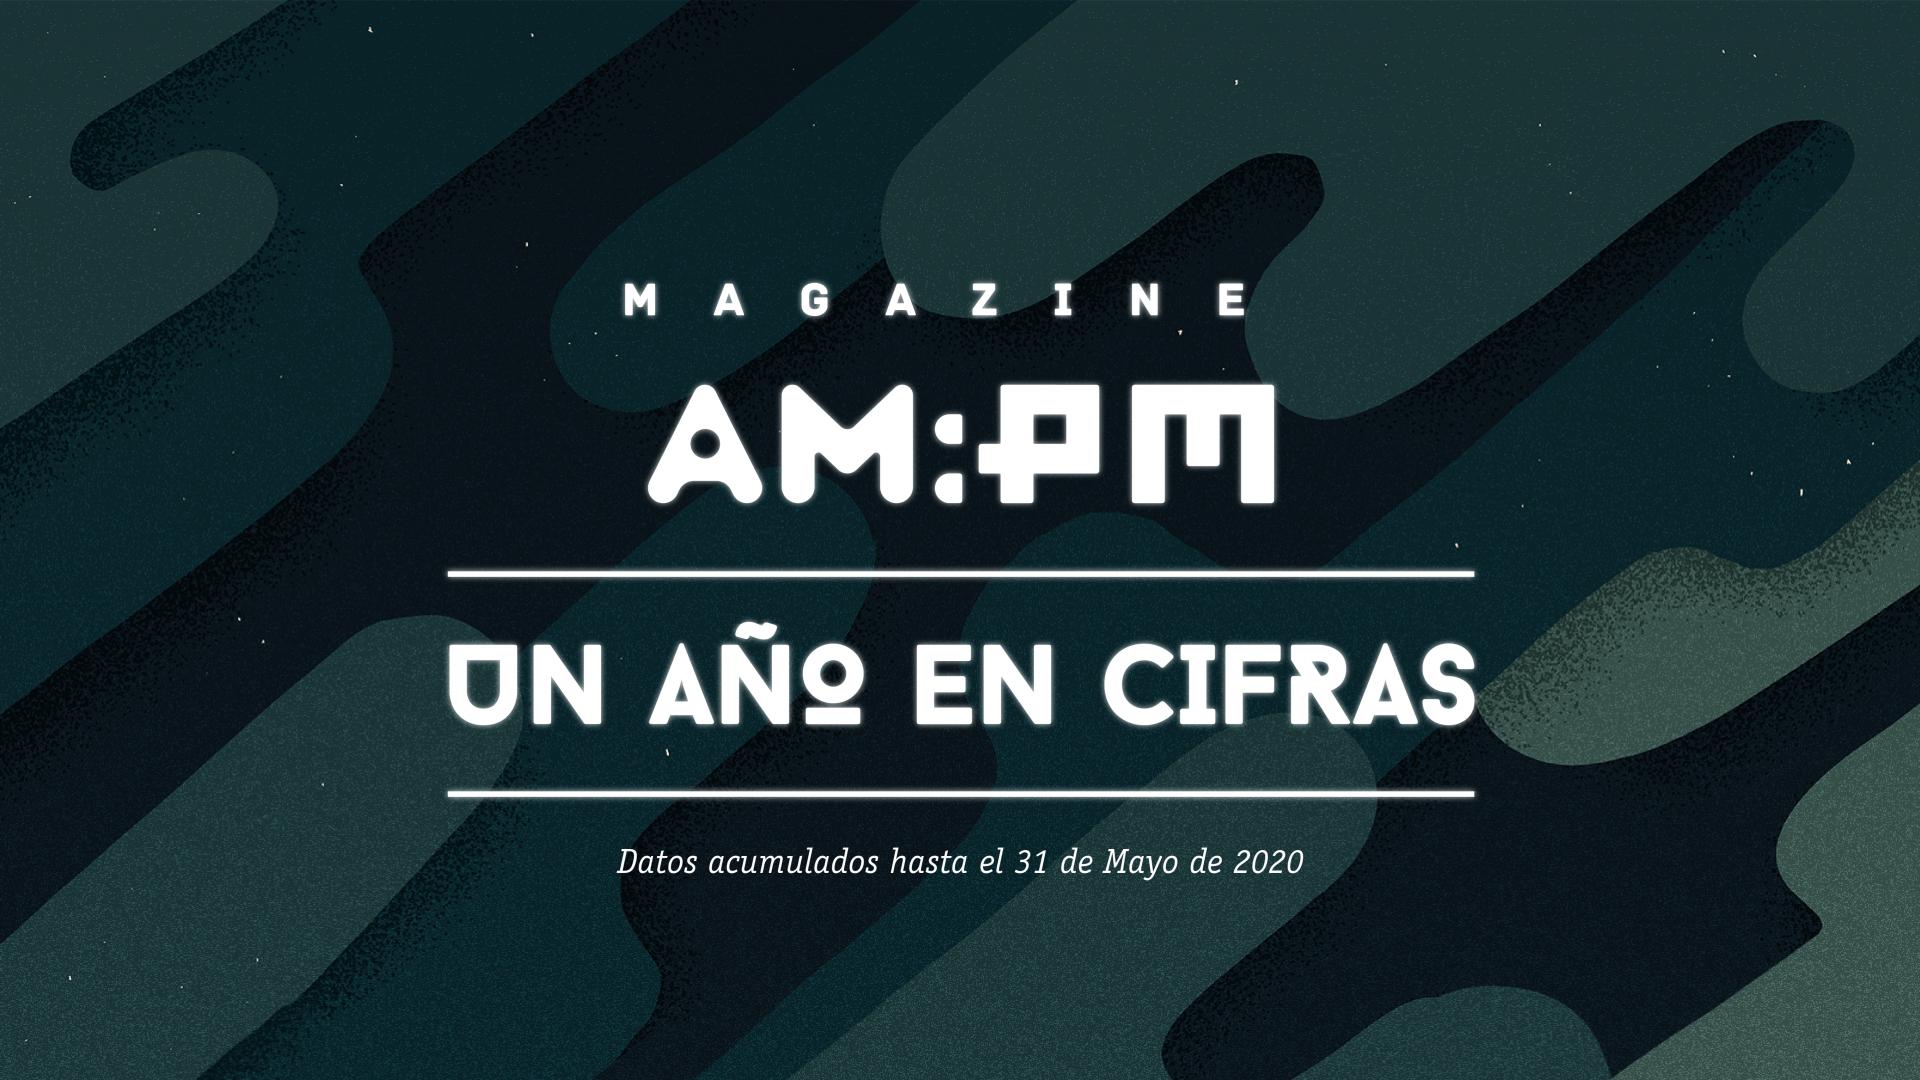 Magazine AM:PM, segundo año en cifras. Ilustración: Mayo Bous.